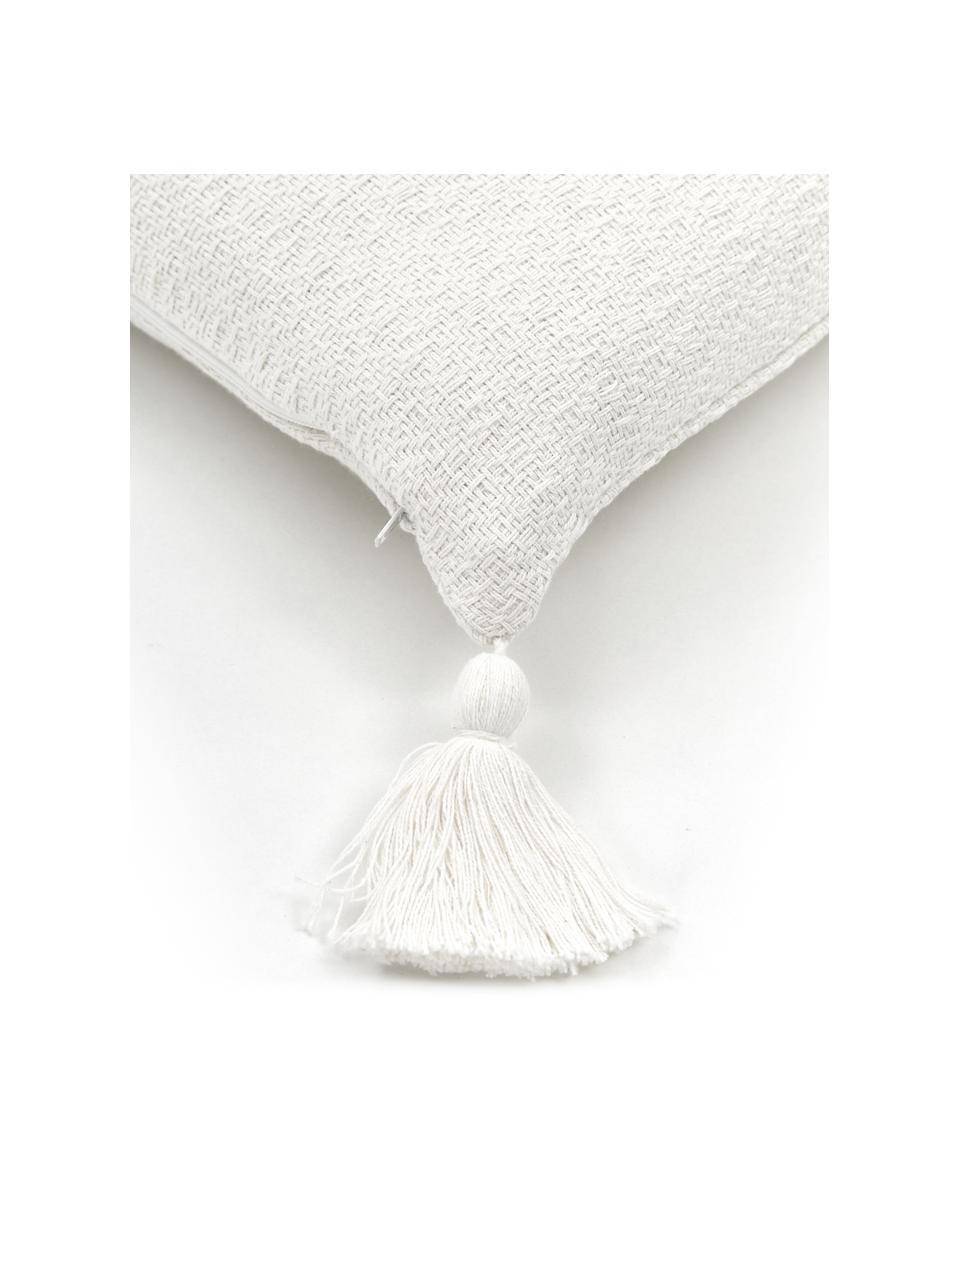 Kissenhülle Lori in Cremeweiß mit dekorativen Quasten, 100% Baumwolle, Weiß, 40 x 40 cm